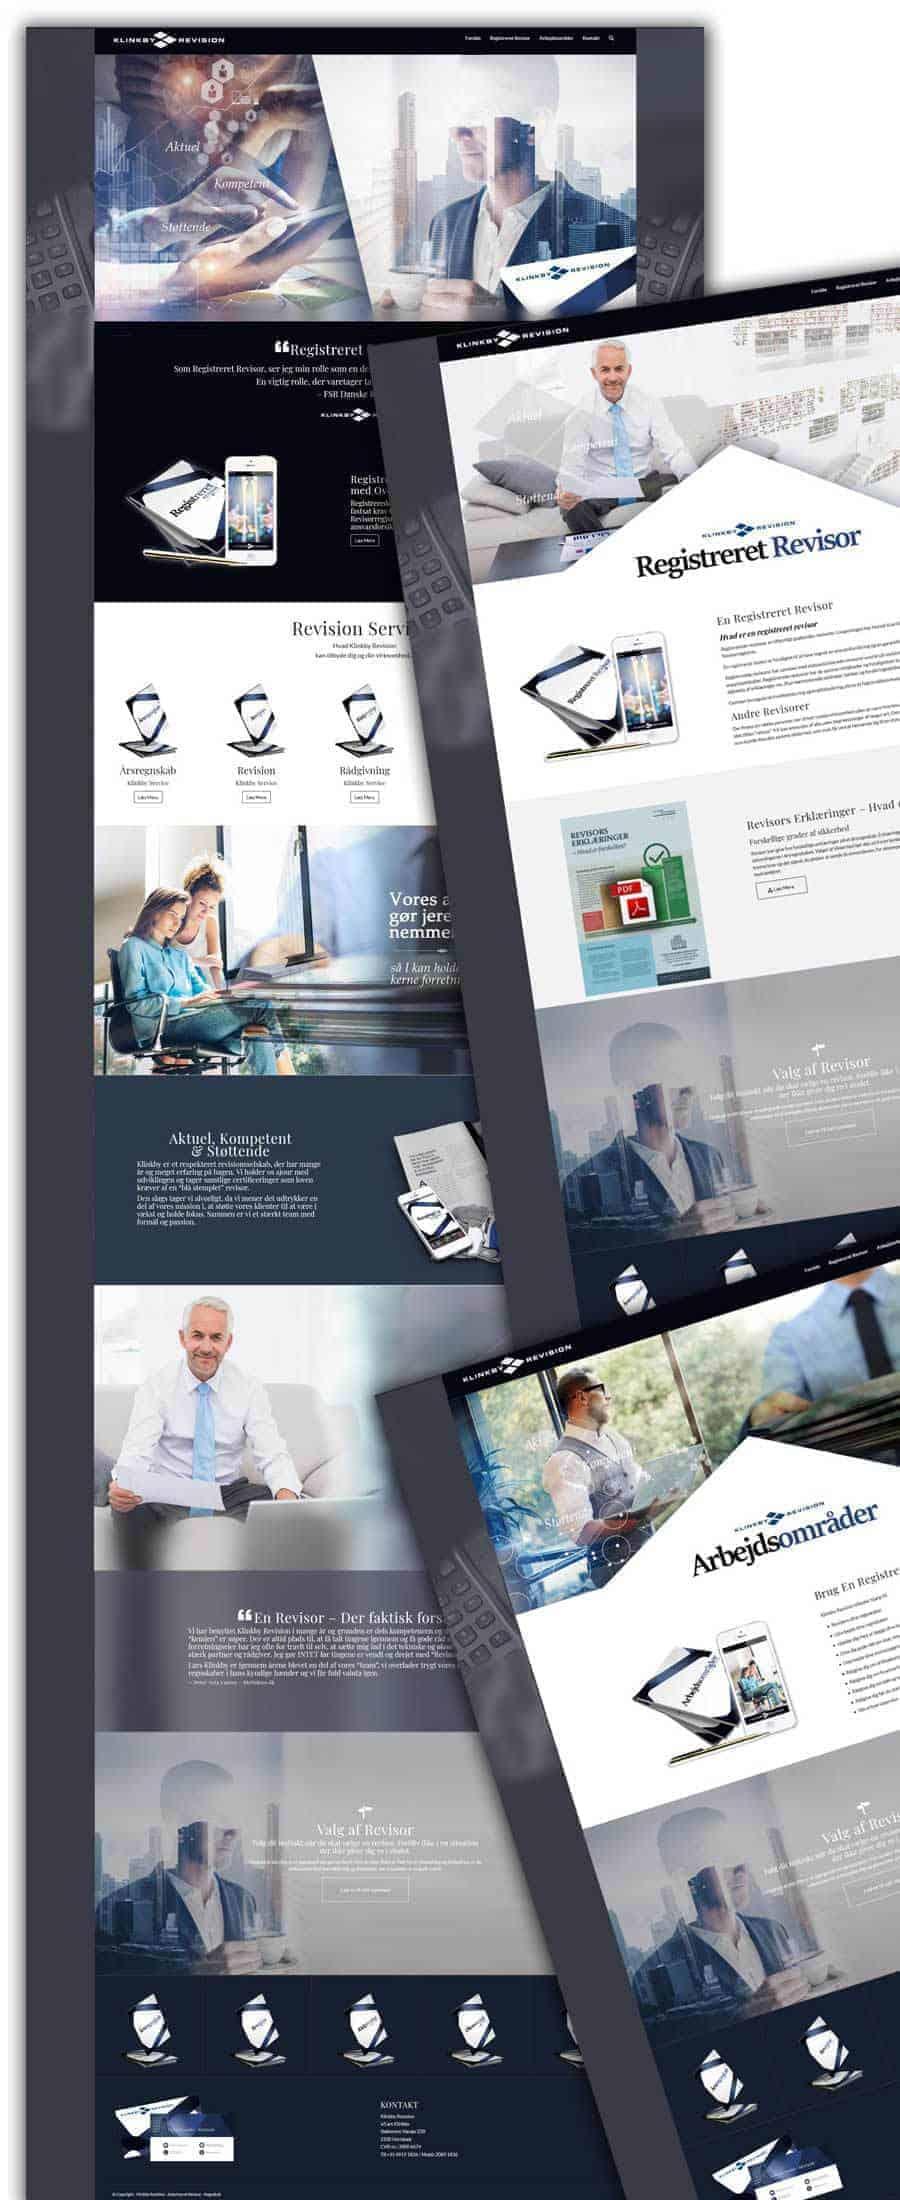 Revision nyt hjemmeside efter screenshots